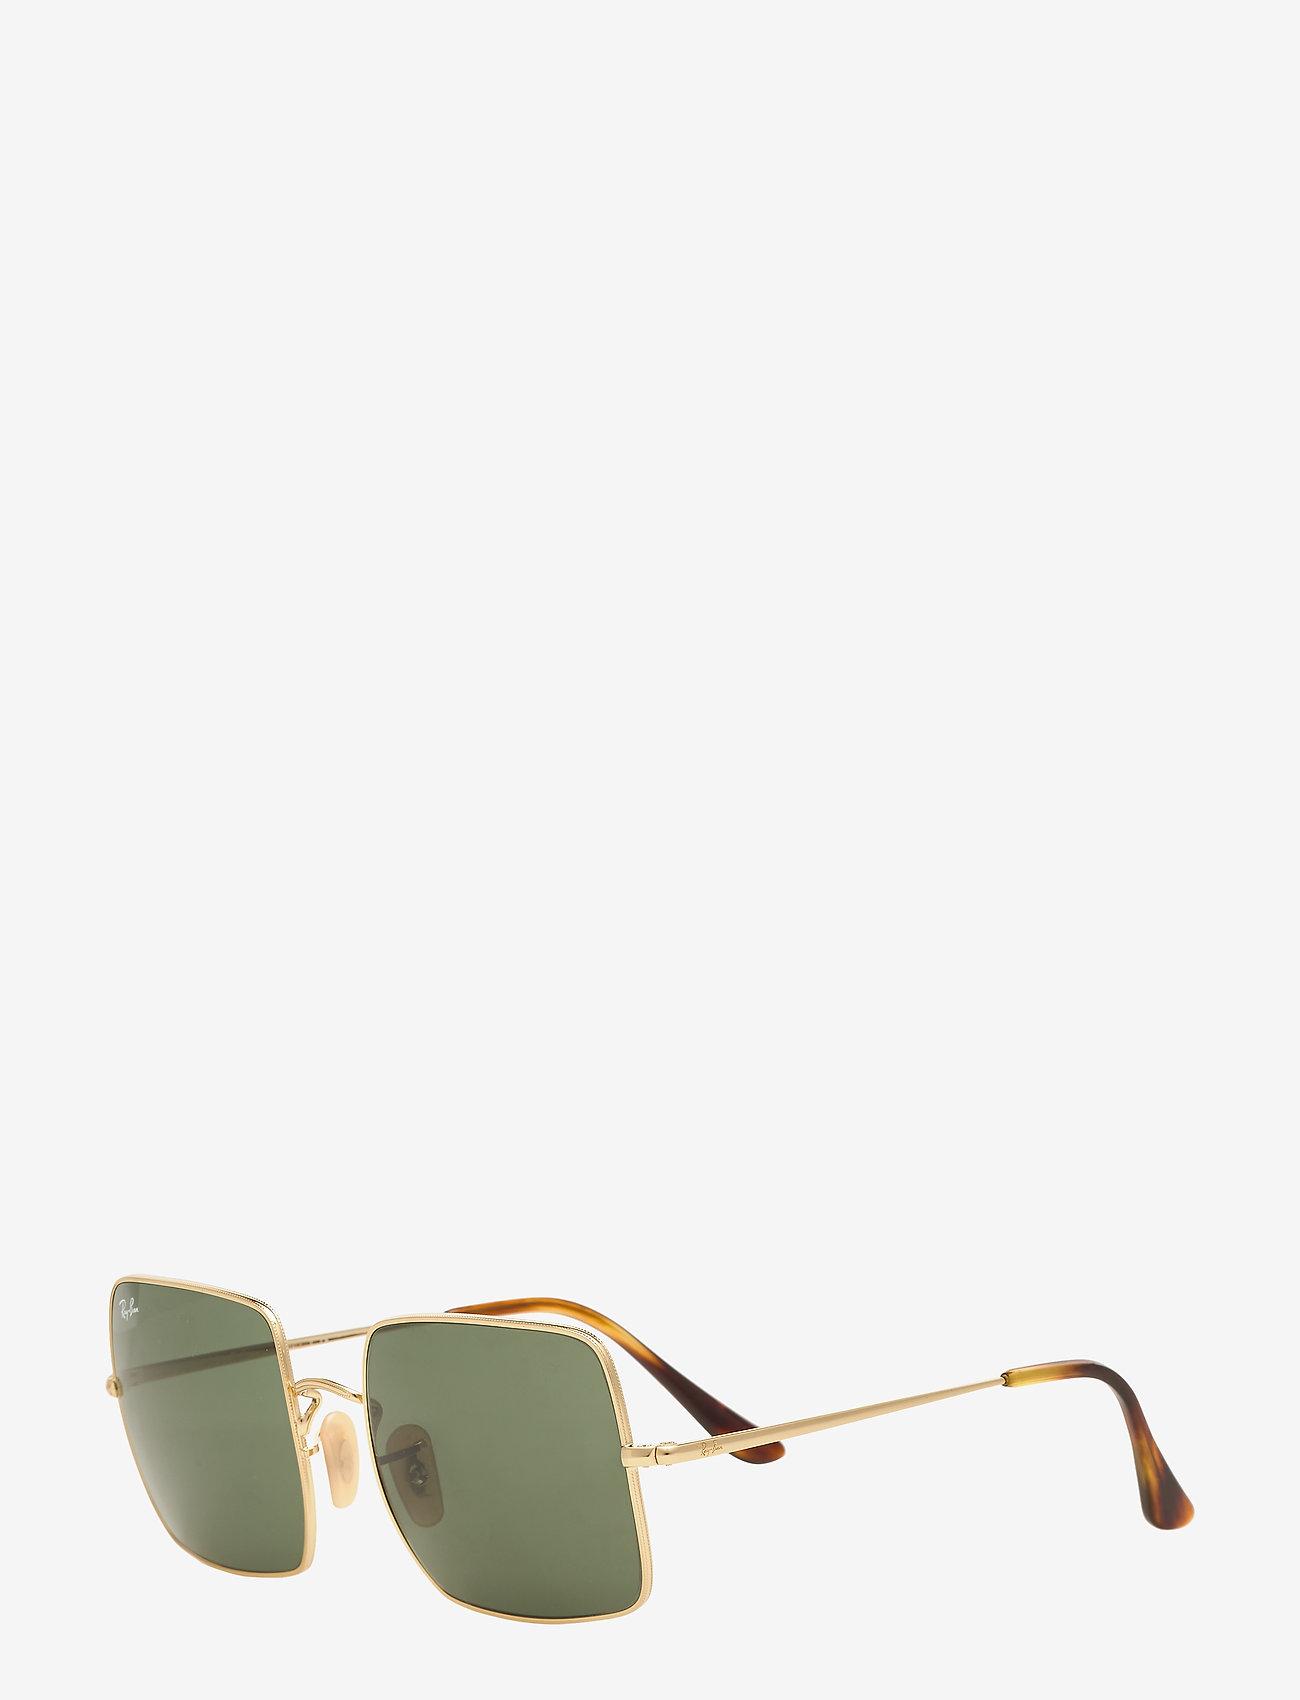 Ray-Ban Ray-Ban Sunglasses - Okulary przeciwsłoneczne GOLD - Akcesoria